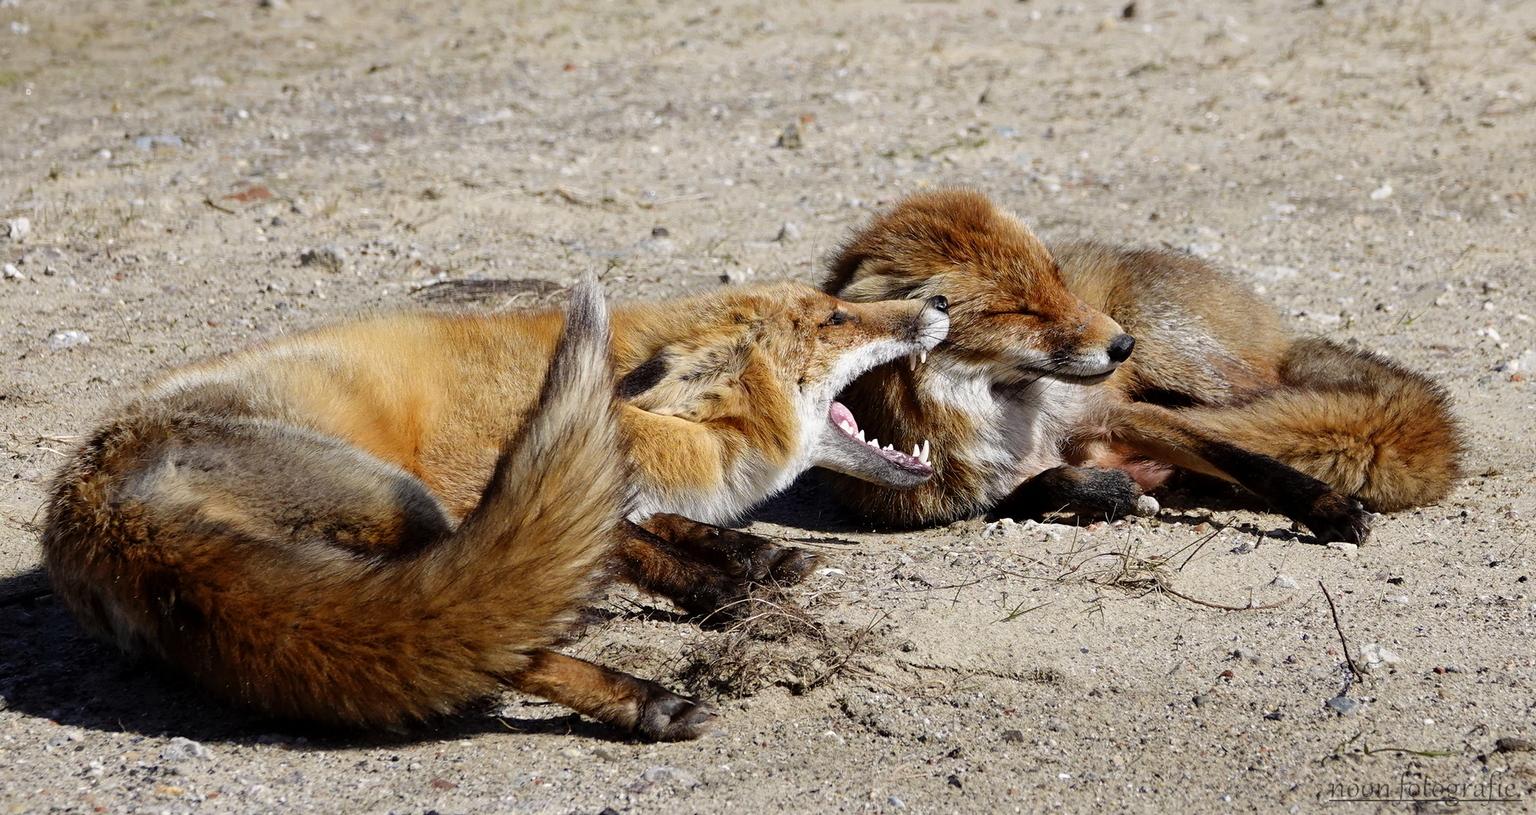 vossen. - 2 vossen die mekaar begroeten. - foto door nonoos op 15-04-2021 - deze foto bevat: vos, vossen, vossenfotografie, fotografie, dieren, dierenfotografie, natuur, natuurfotografie, wild, wildfotografie, duinen, nederland, carnivoor, felidae, fawn, hondenras, terrestrische dieren, vos, bakkebaarden, snuit, grote katten, staart